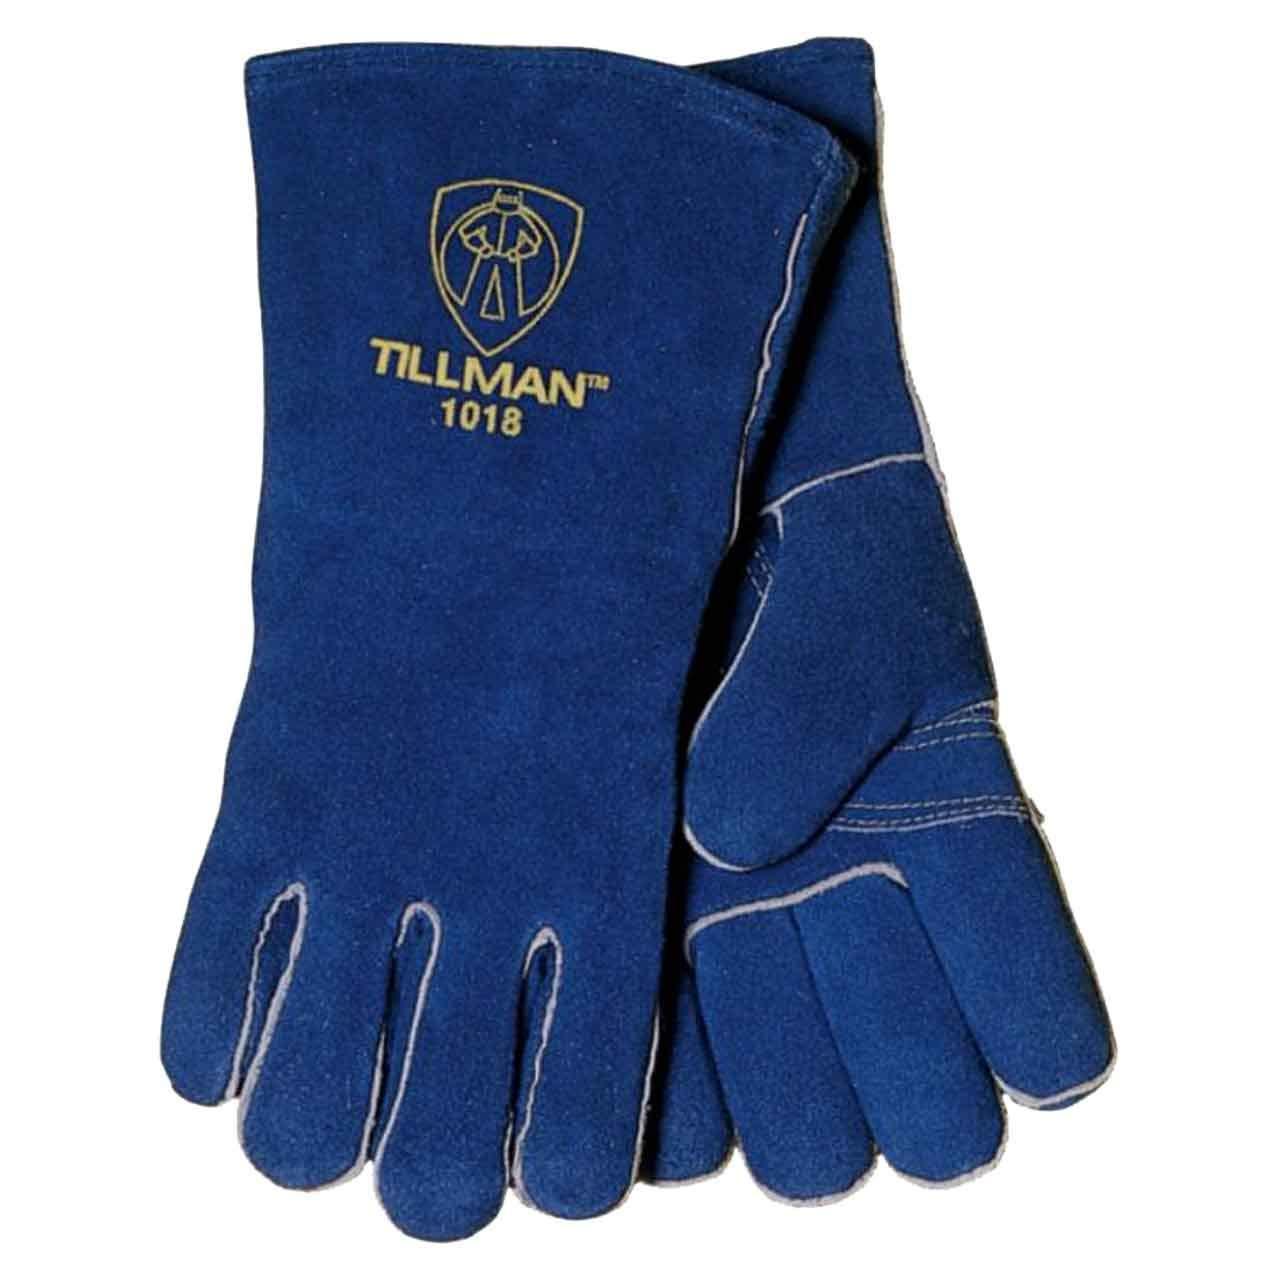 Tillman 1018 Slightly Shoulder Select Cowhide Welding Gloves Medium